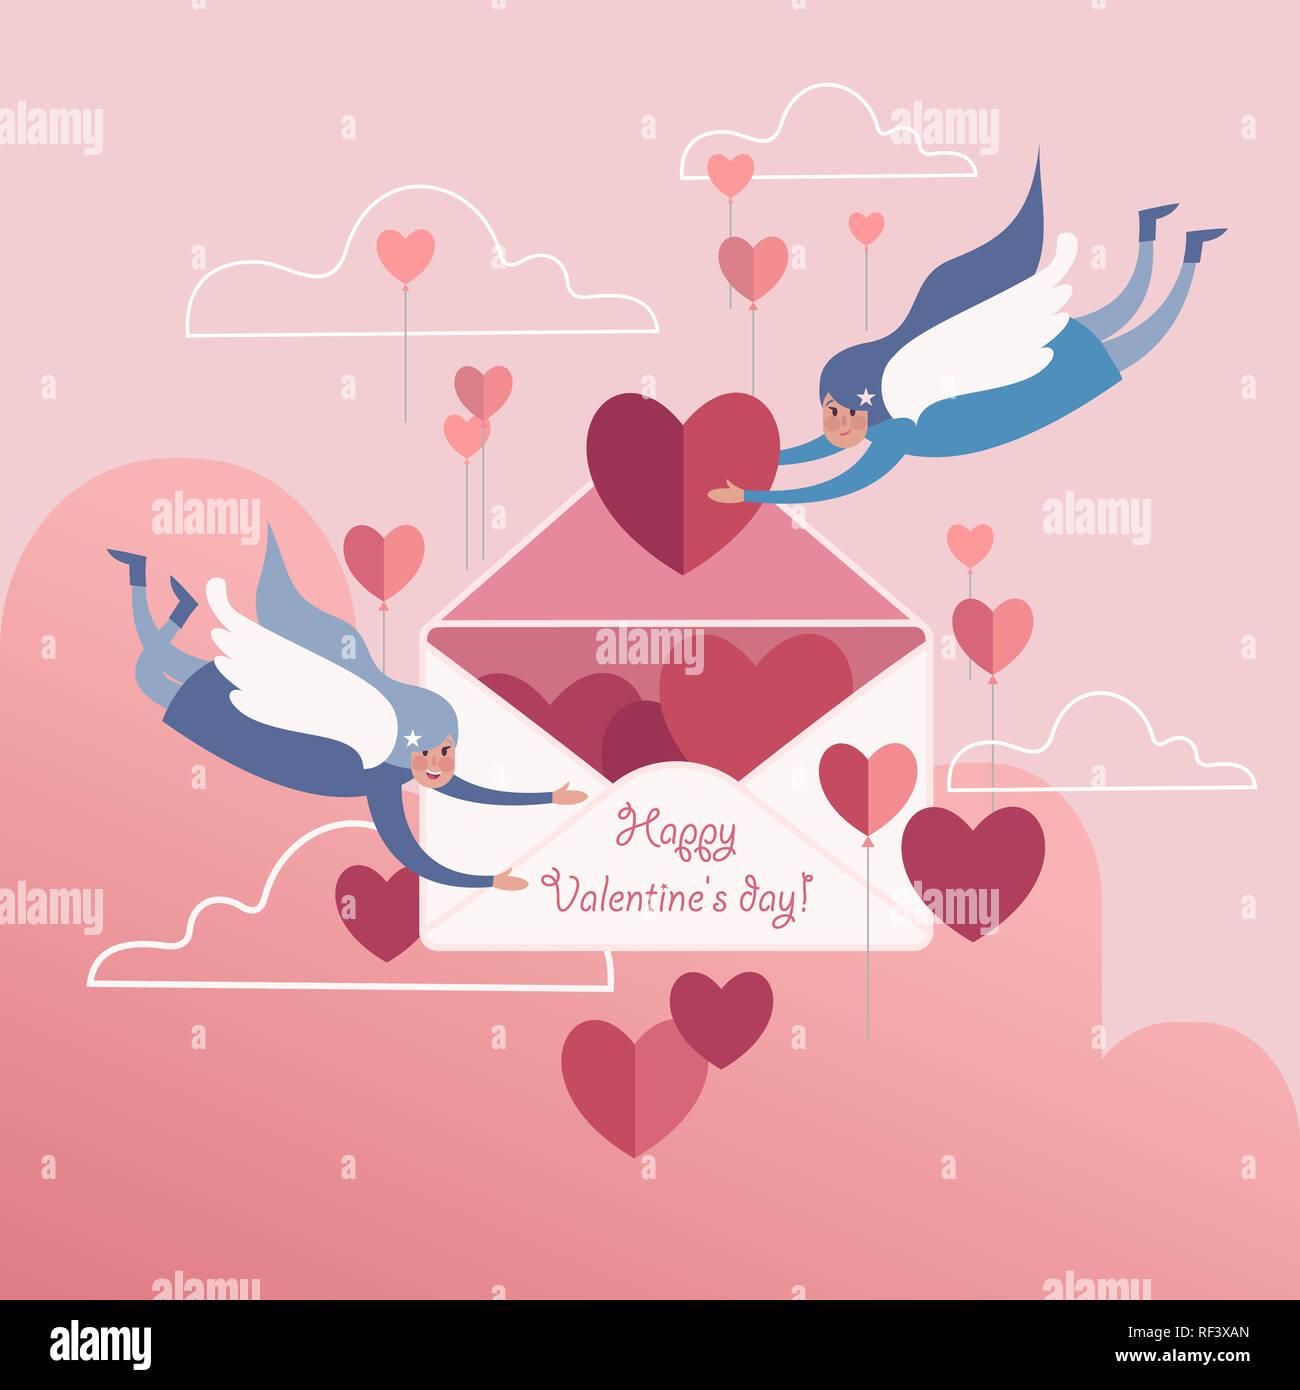 Lindo Par Soaring Blanco ángeles Alados Con Valentín Rosa De Fondo